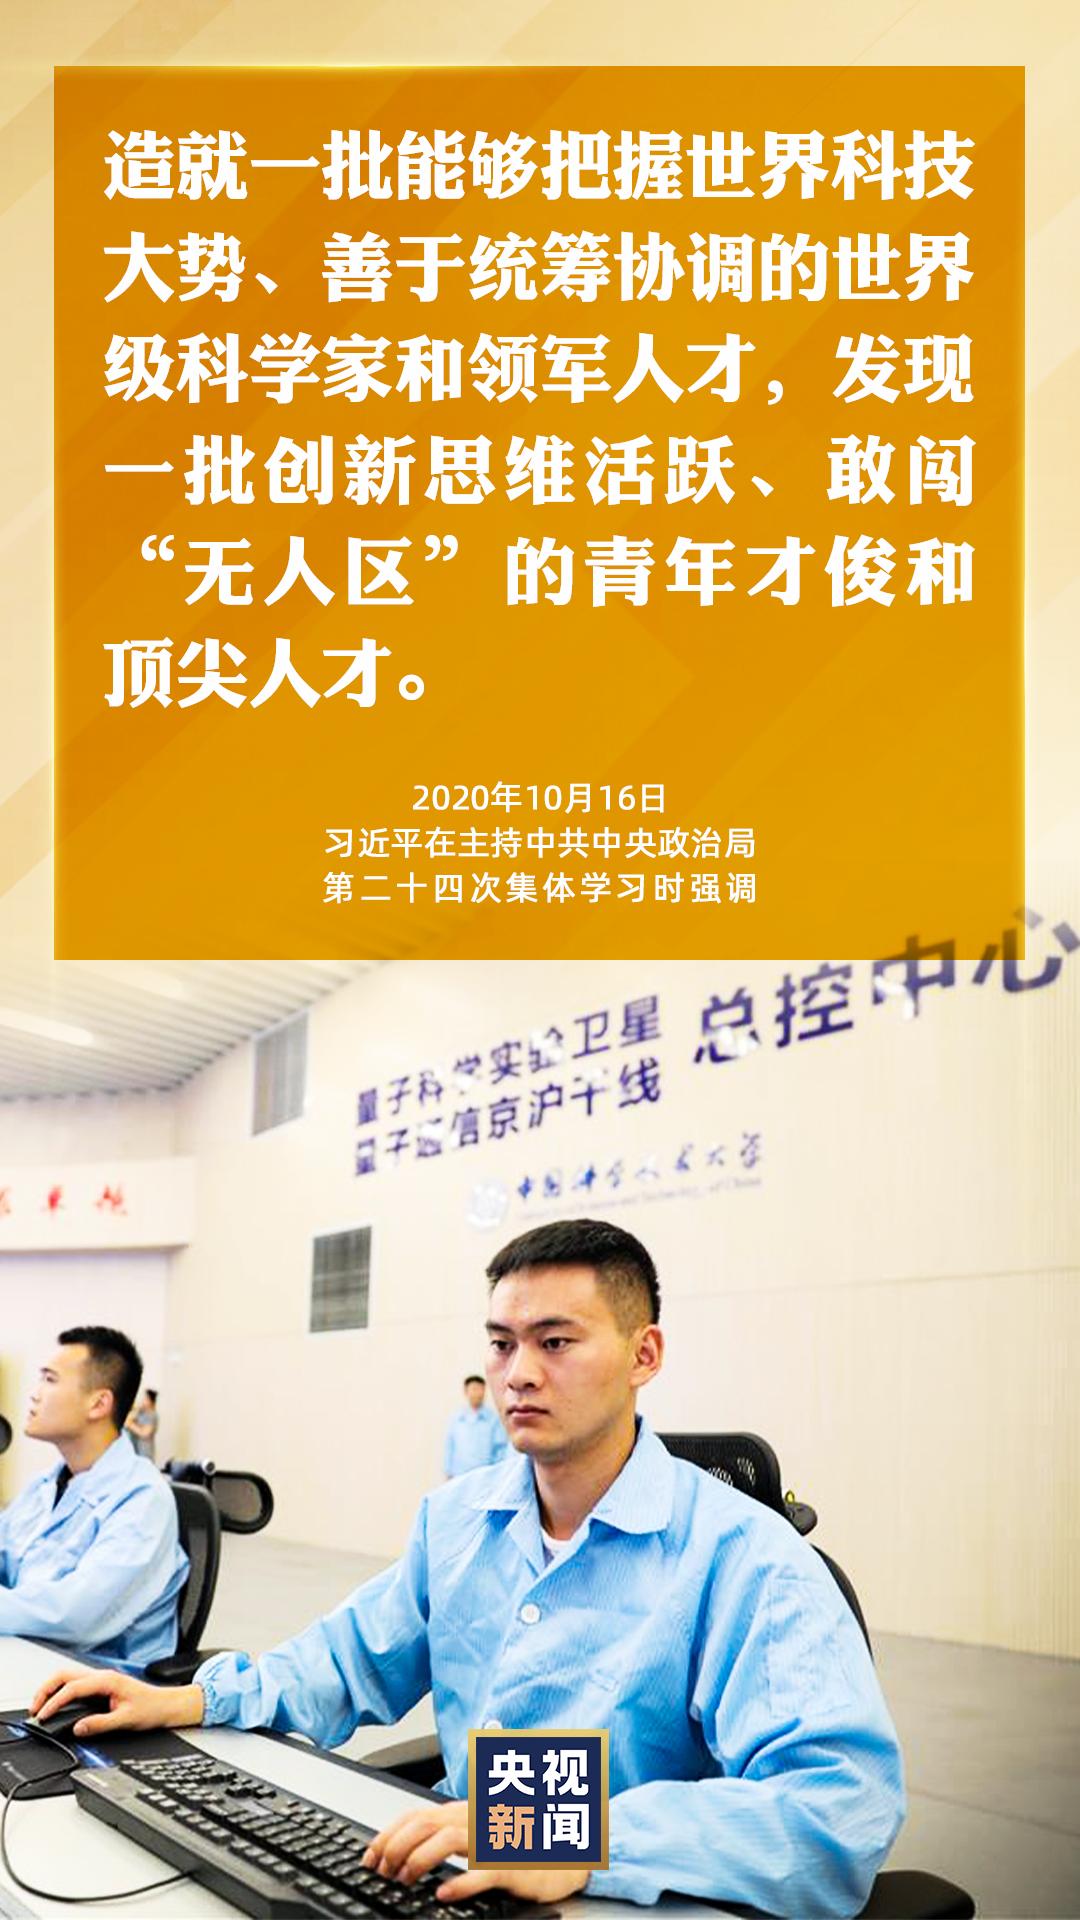 中共中央政治局集体学习量子科技 什么信号?_图1-2